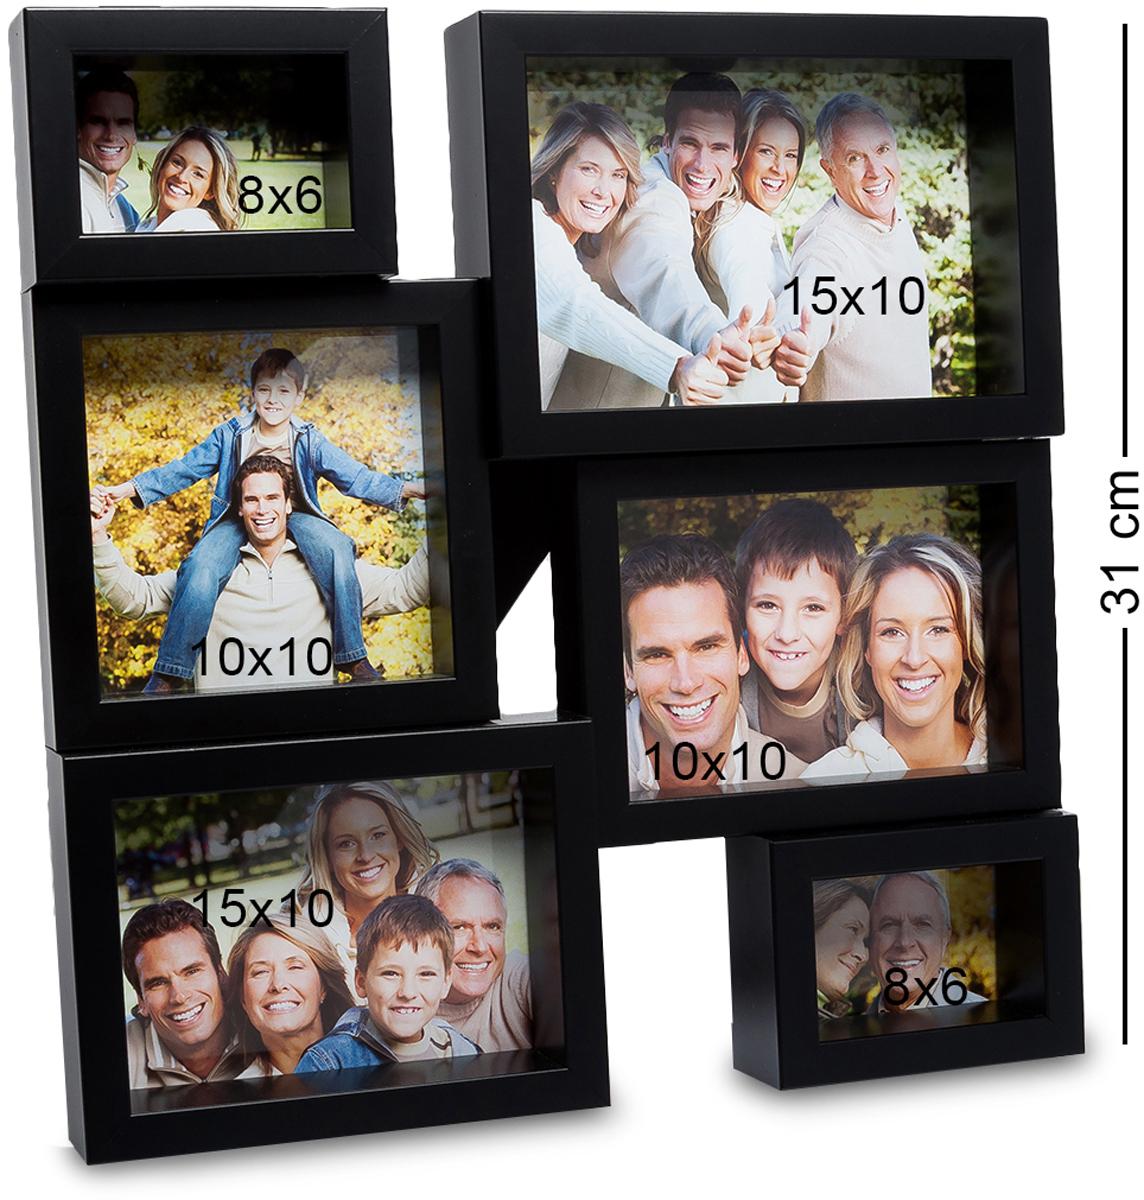 Панно из фоторамок Bellezza Casa Семейная история, на 6 фото: 8х6, 10х10, 15х10. CHK-138CHK-138Панно из фоторамок на 6 фото для фотографий 8х6, 10х10 и 15х10 см. Раньше считалось, что фоторамка в подарок – это что-то глупое и, что у человека ее подарившего нет фантазии. Но времена меняются и фоторамку Семейная история несомненно, захотели бы получить все, кто ее видели. Фоторамка выполнена из пластика, черная отделка смотрится современно, модно. А еще, сама рамка, рассчитанная на 6 фотографий, станет модной изюминкой любой комнаты, будь-то гостиная или спальня.